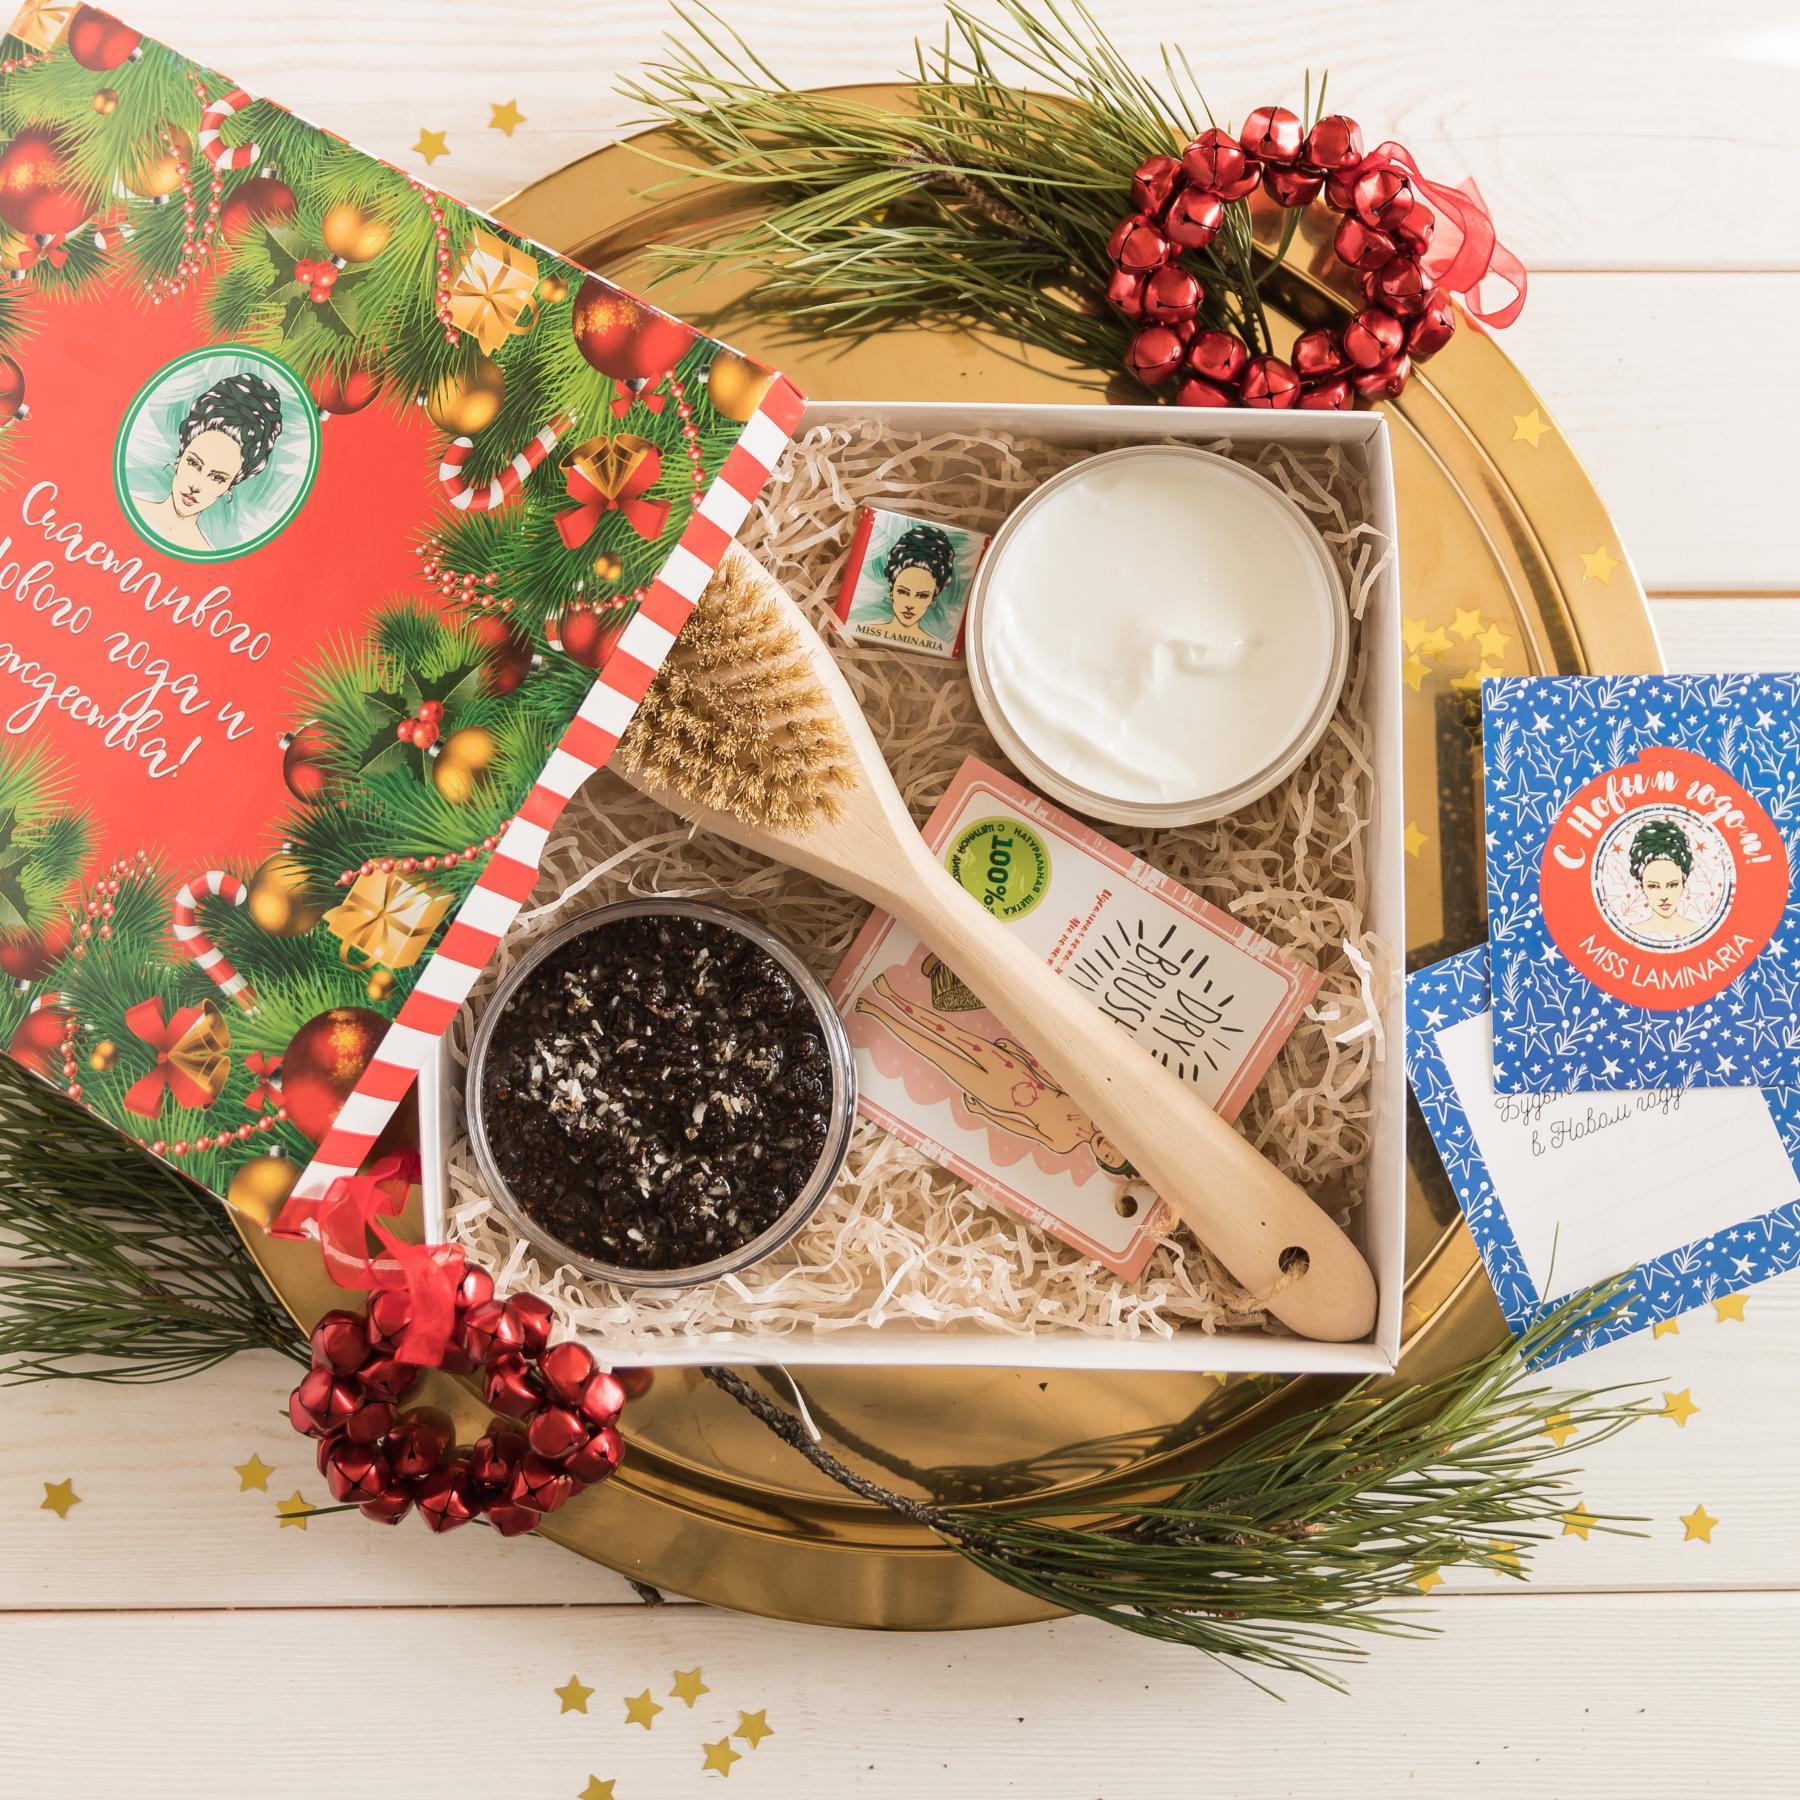 Фото Топ-5 самых крутых подарков на Новый год от Laminaria Shop 2